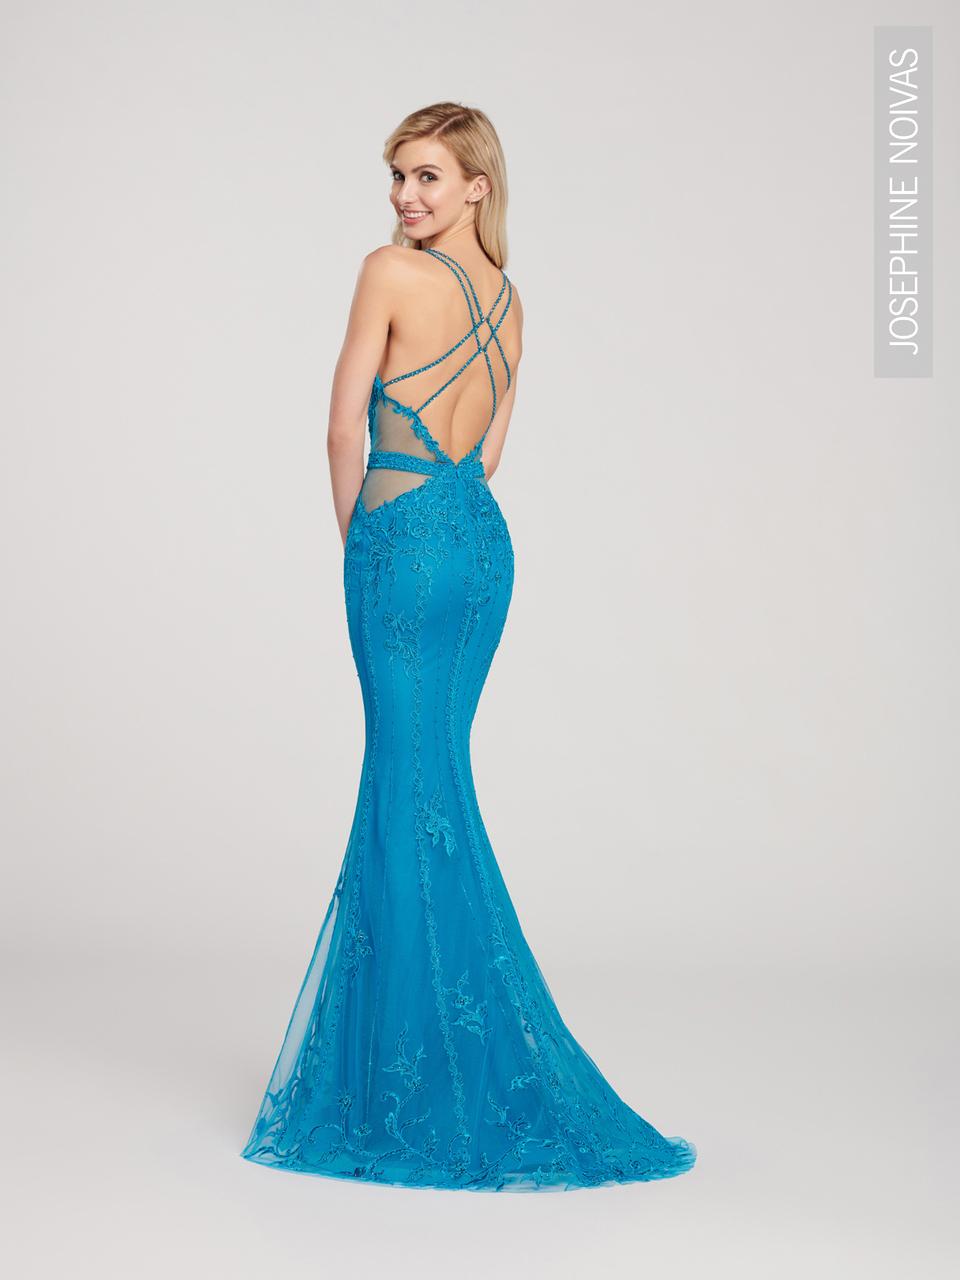 Vestido De Festa Sereia Azul Turquesa Com Brilho Para